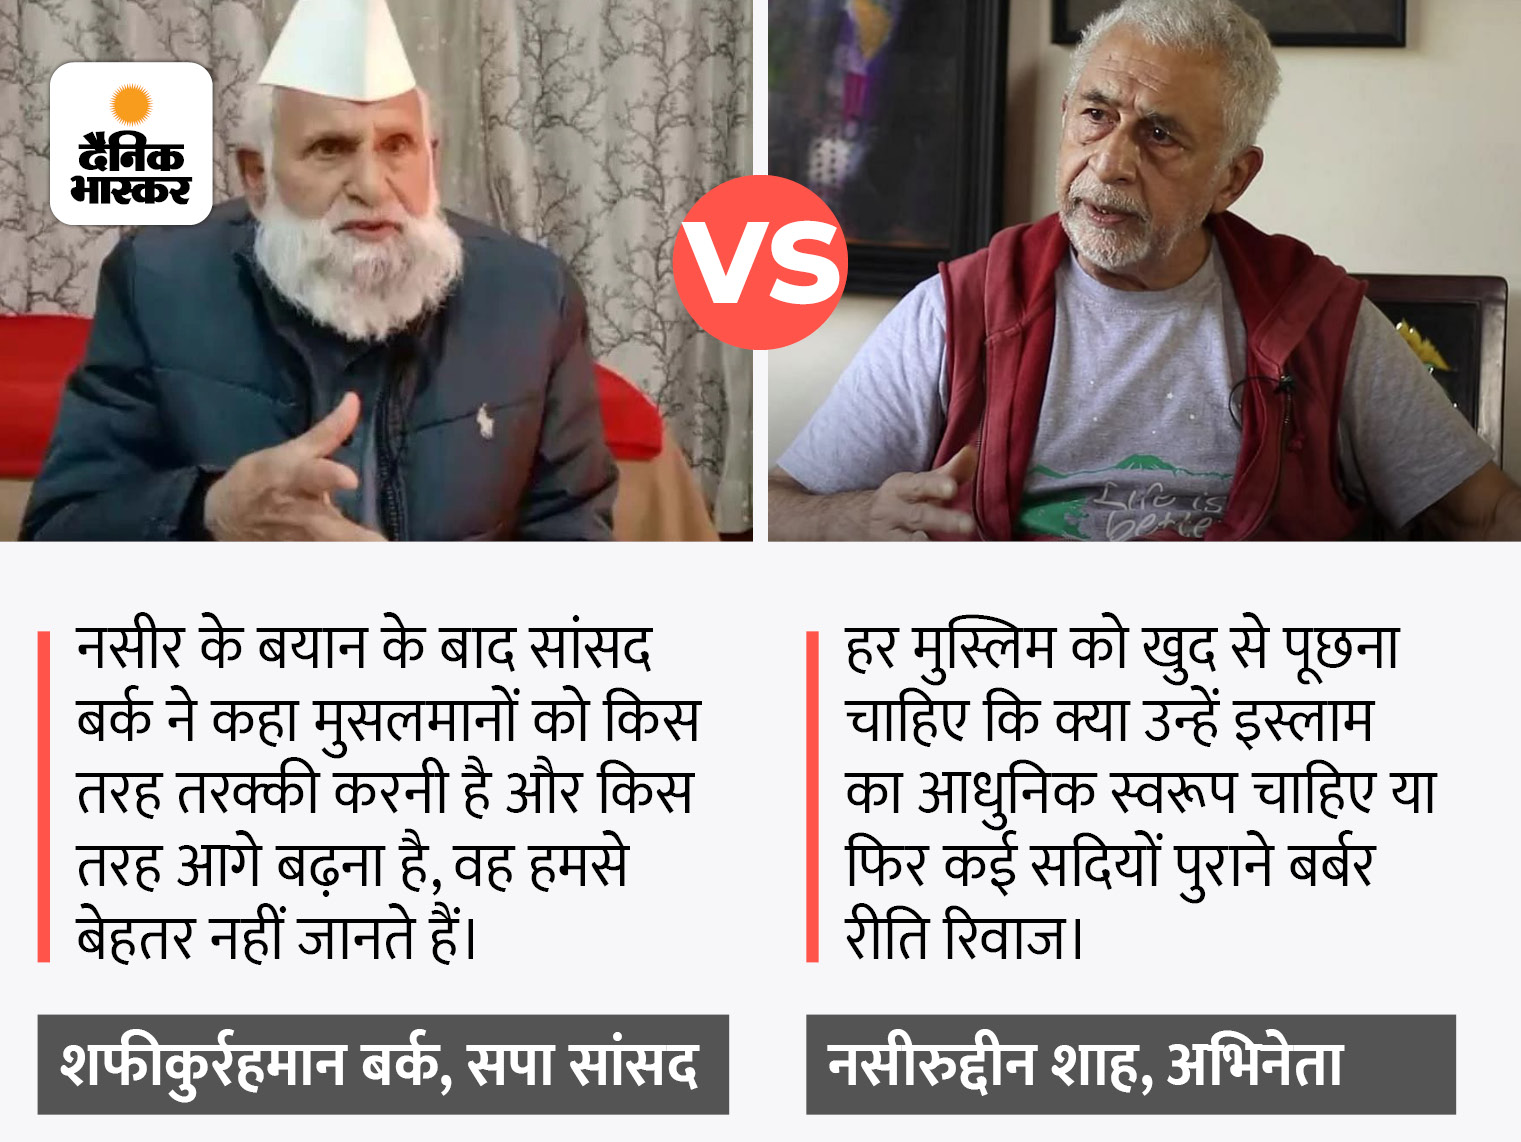 बोले- वो फिल्मी अंदाज में बोल रहे, हम फिल्मी नहीं; शाह ने कहा था कि मुसलमानों को वक्त के साथ बदलने की जरूरत है संभल,Sambhal - Dainik Bhaskar